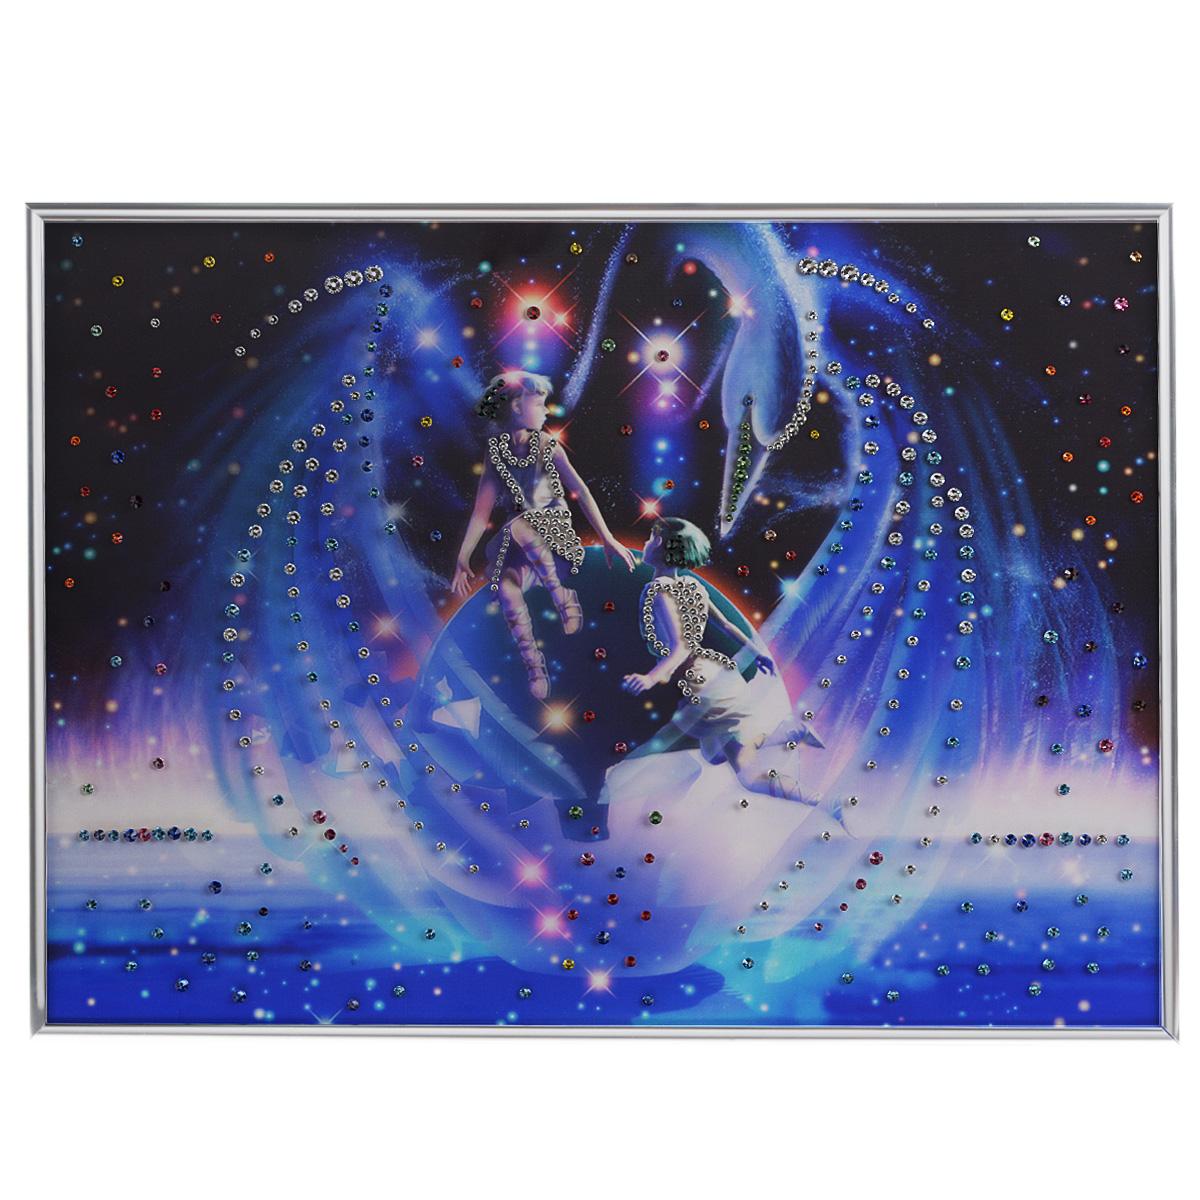 Картина с кристаллами Swarovski Знак зодиака. Близнецы Кагая, 40 см х 60 см1139Изящная картина в металлической раме, инкрустирована кристаллами Swarovski, которые отличаются четкой и ровной огранкой, ярким блеском и чистотой цвета. Красочное изображение знака зодиака - близнецы Кагая, расположенное на внутренней стороне стекла, прекрасно дополняет блеск кристаллов. С обратной стороны имеется металлическая петелька для размещения картины на стене. Картина с кристаллами Swarovski Знак зодиака. Близнецы Кагая элегантно украсит интерьер дома или офиса, а также станет прекрасным подарком, который обязательно понравится получателю. Блеск кристаллов в интерьере, что может быть сказочнее и удивительнее. Картина упакована в подарочную картонную коробку синего цвета и комплектуется сертификатом соответствия Swarovski.